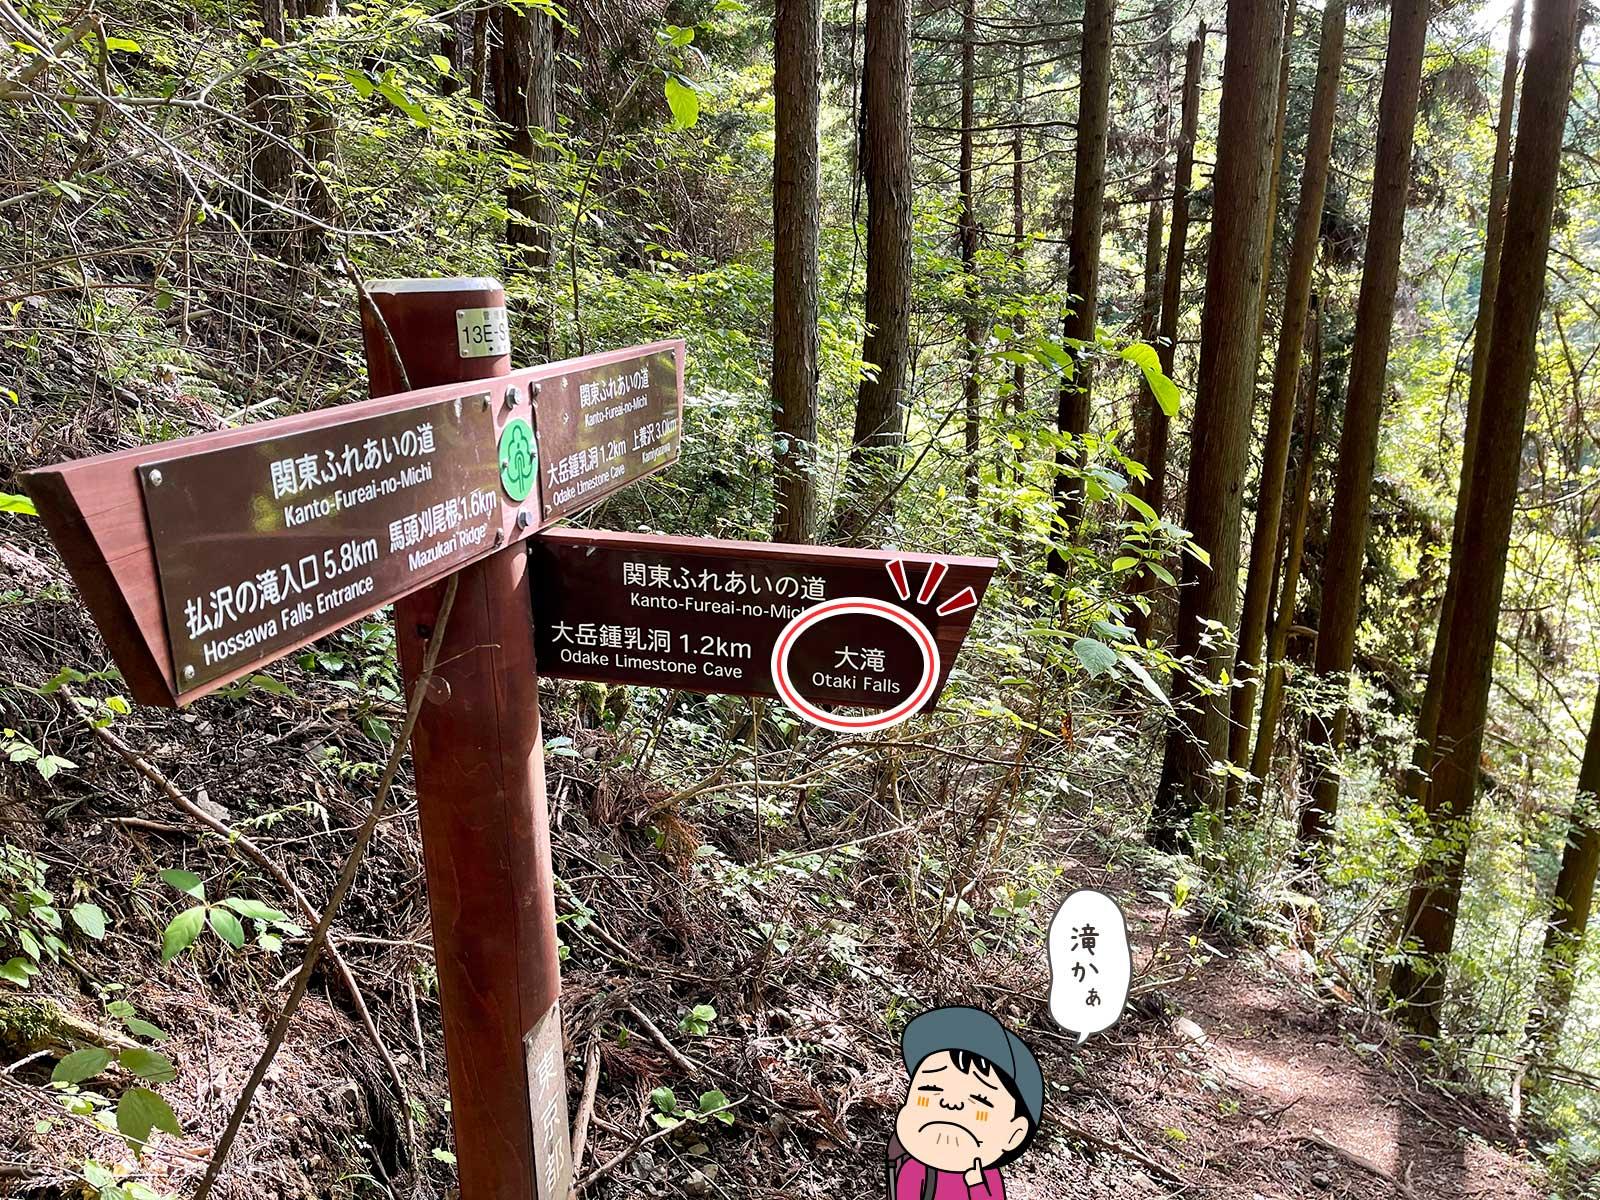 大滝への道標